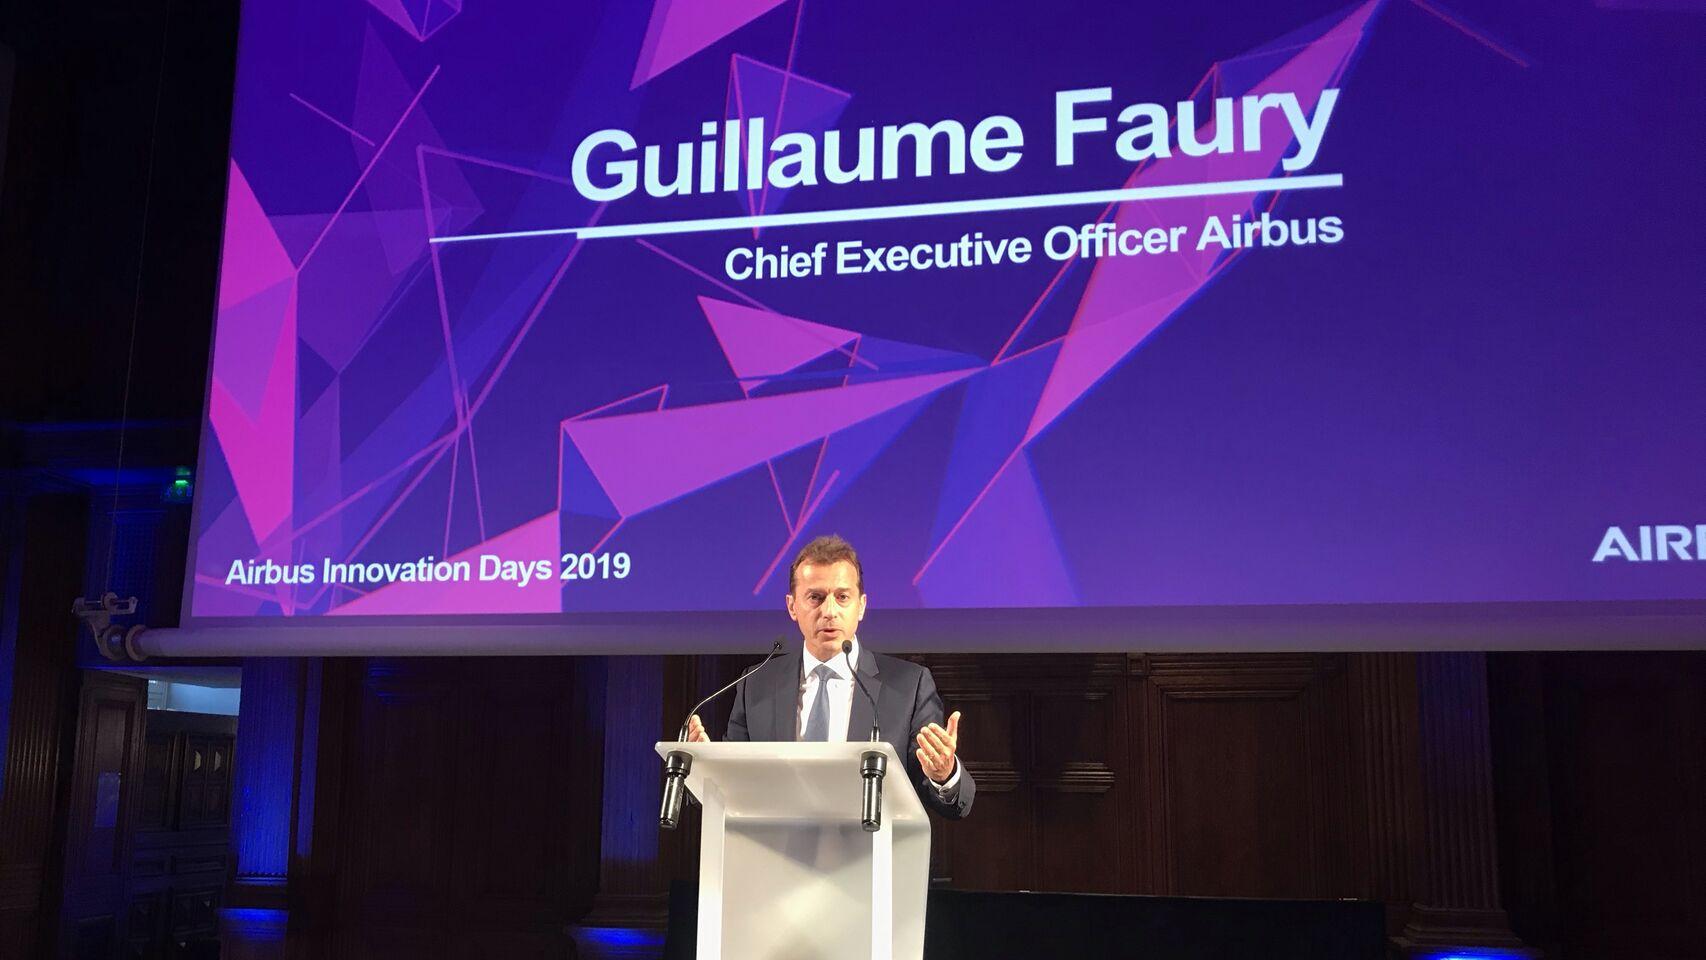 La última visita de Guillaume Faury a España será recordada por su talante arrogante y prepotente